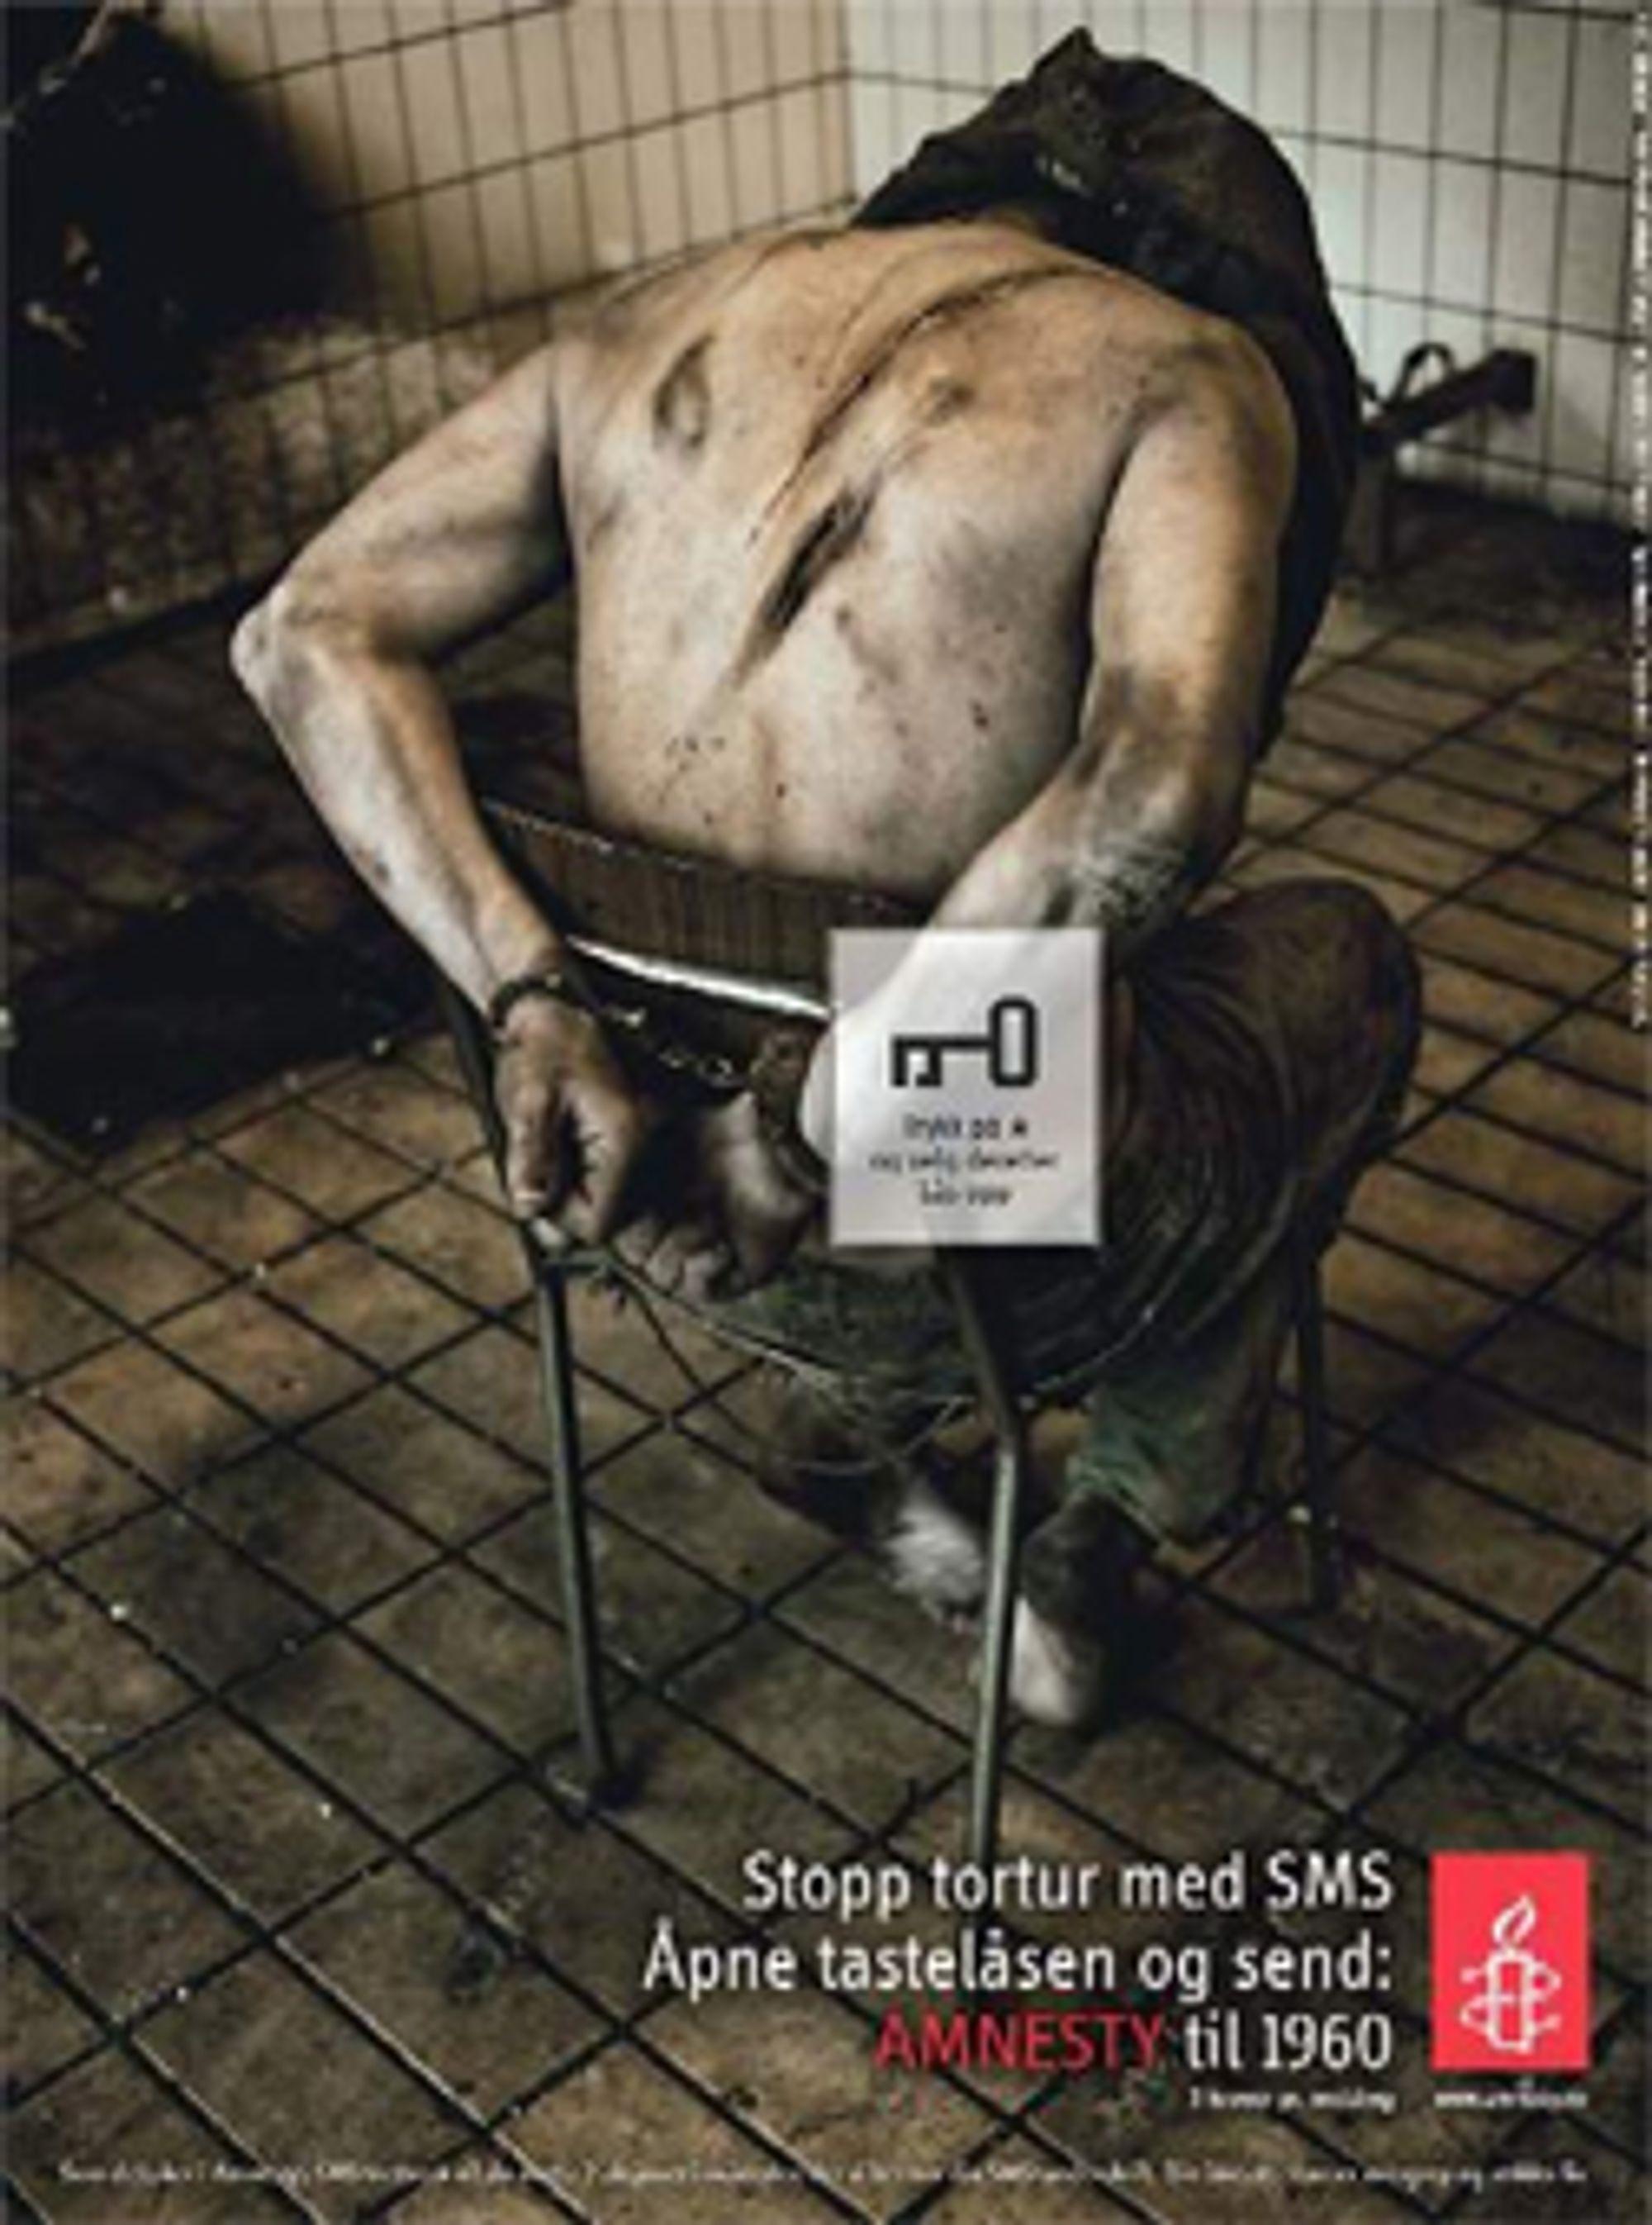 En av kampanjebildene til Amnesty. (Foto: Marcel Lelienhof / Amnesty Norge)